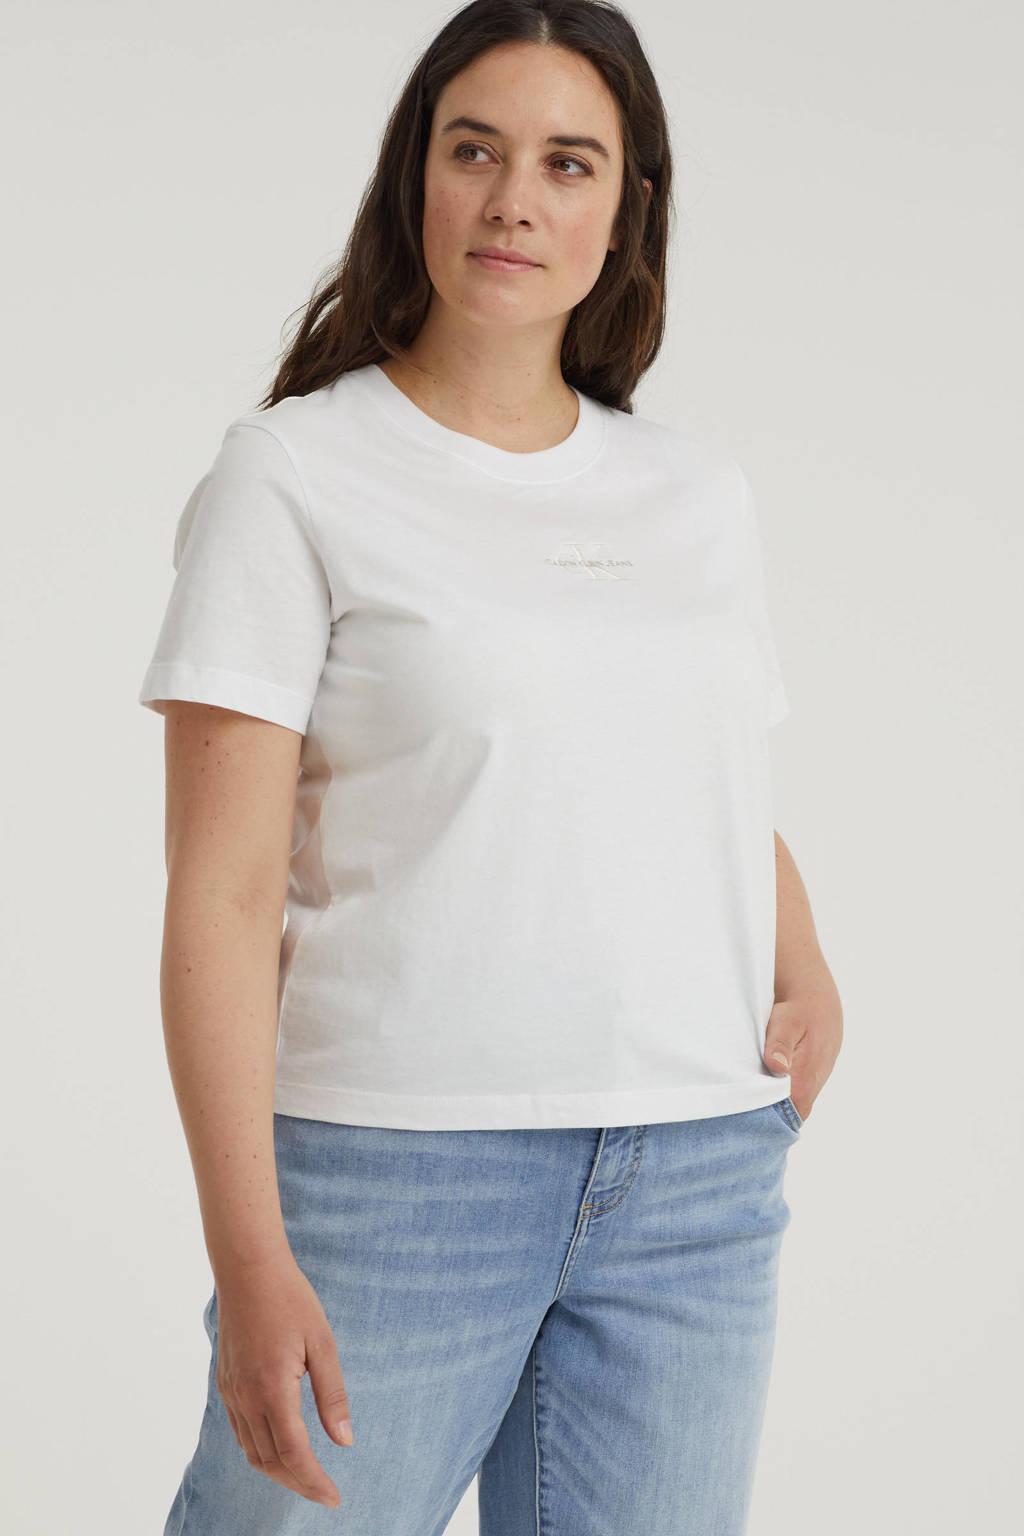 CALVIN KLEIN Plus T-shirt van biologisch katoen wit/ecru, Wit/ecru